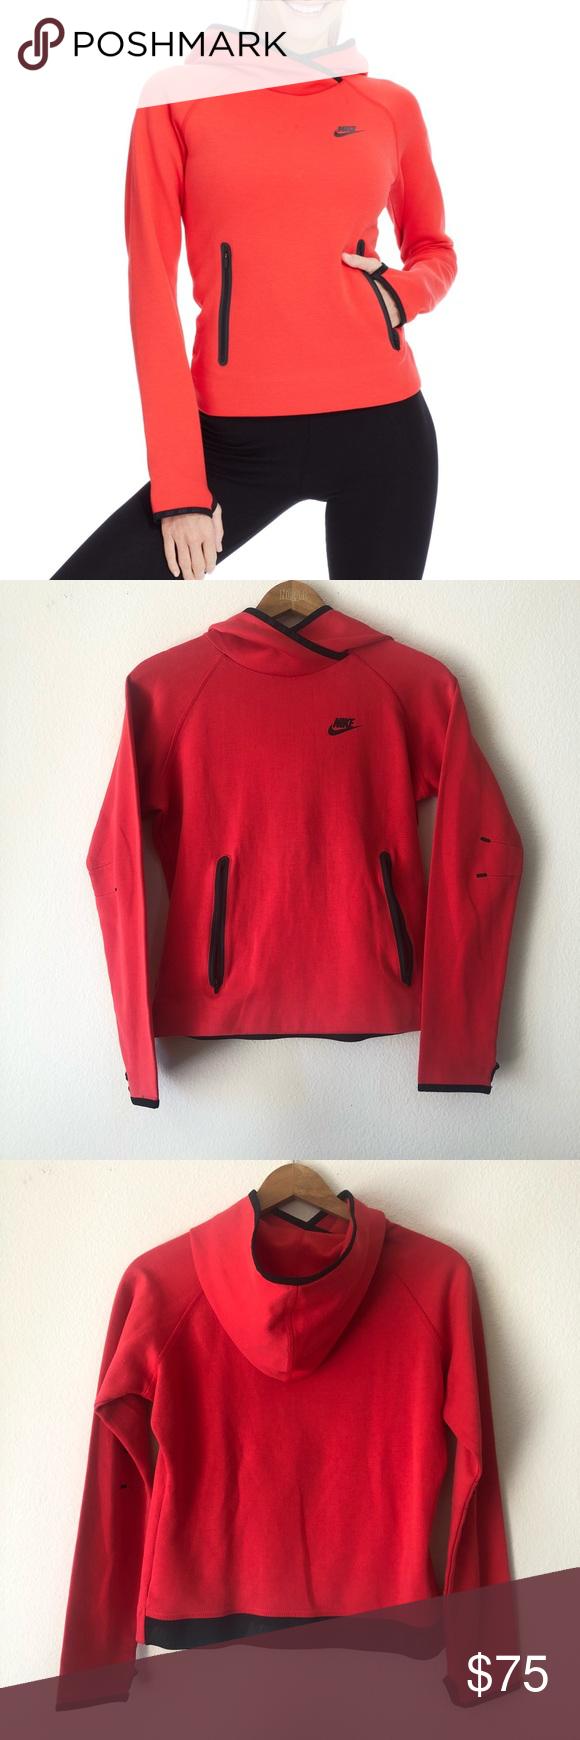 Nike Tech Fleece red & black hoodie Nike Tech Fleece